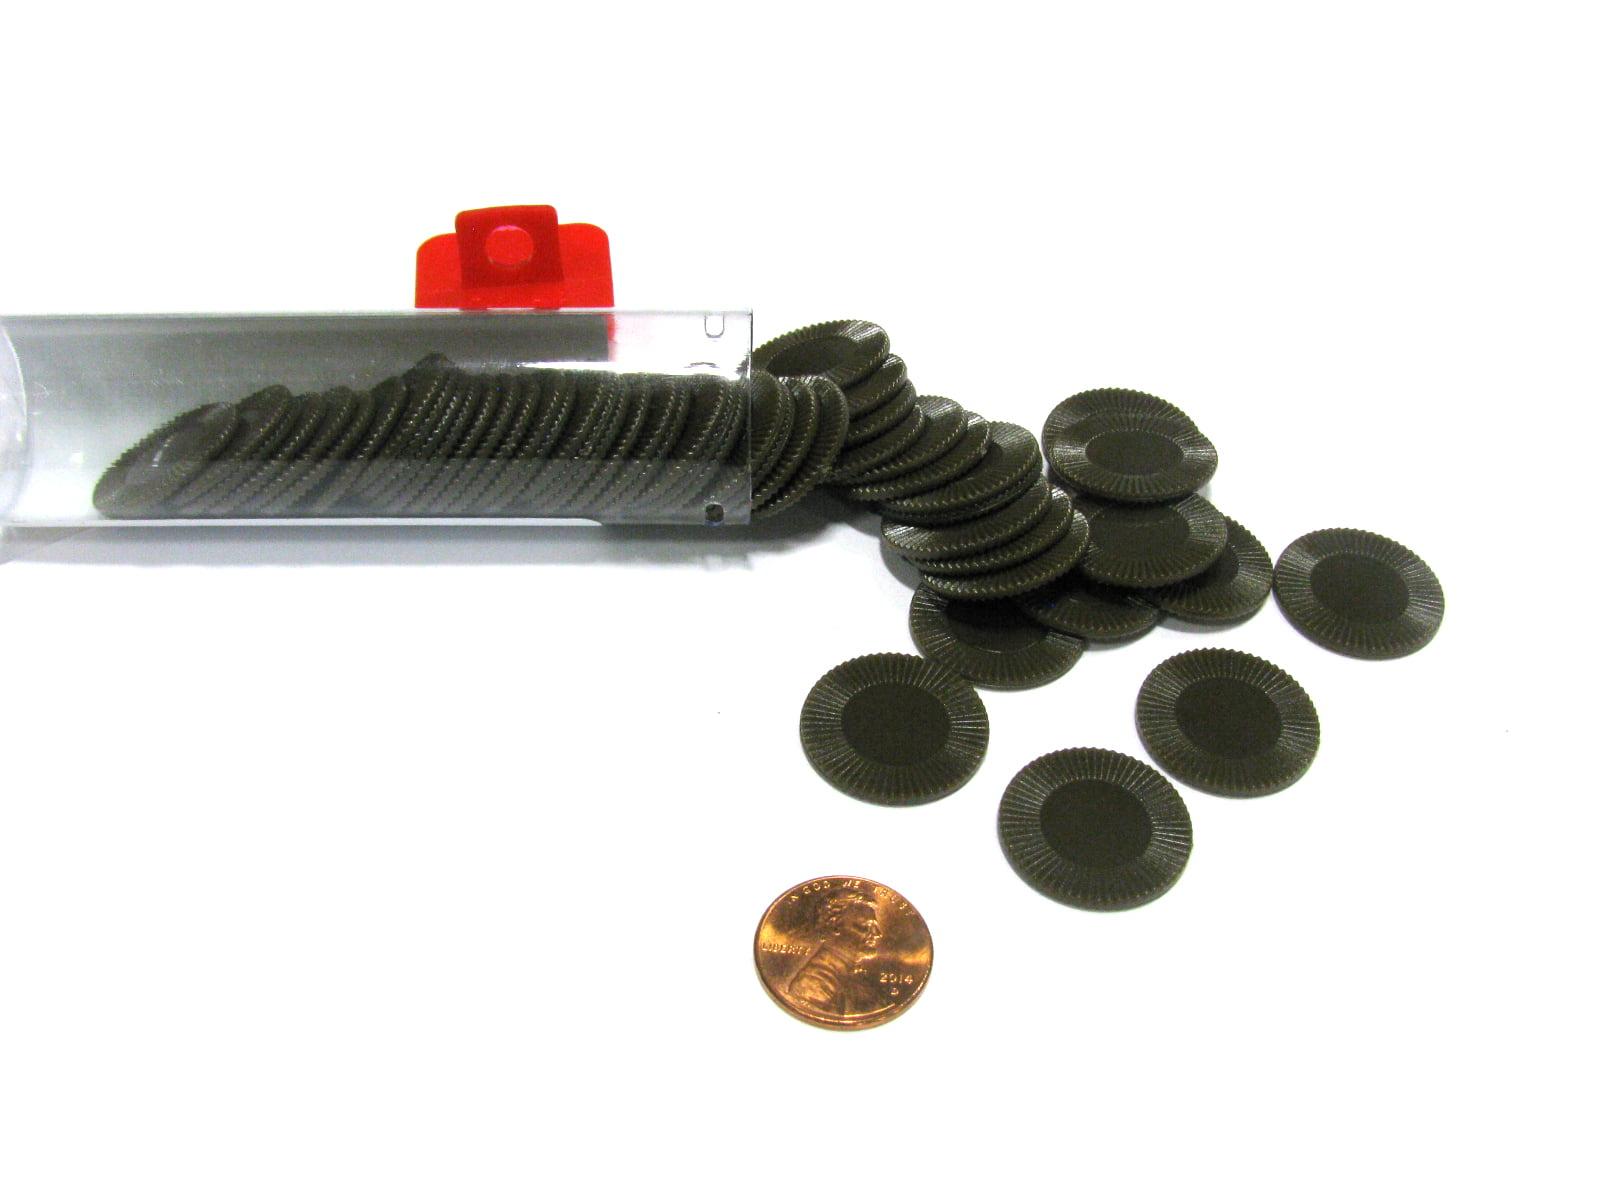 Brown Mini Poker Chip 7 8in Tube of 50ea by Koplow Games